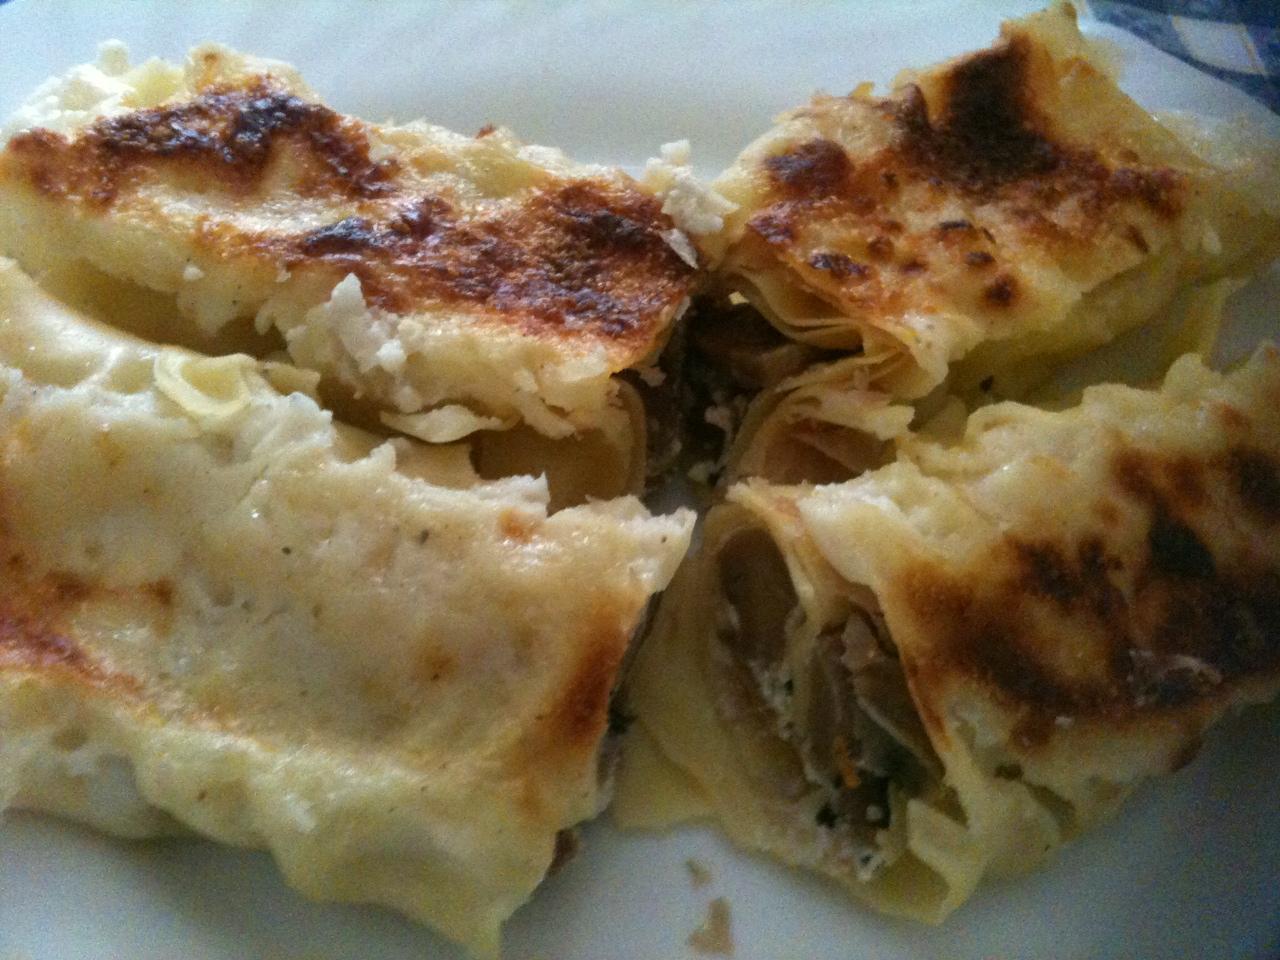 Cannelloni ripieni di prosciutto cotto, ricotta, funghi e grana